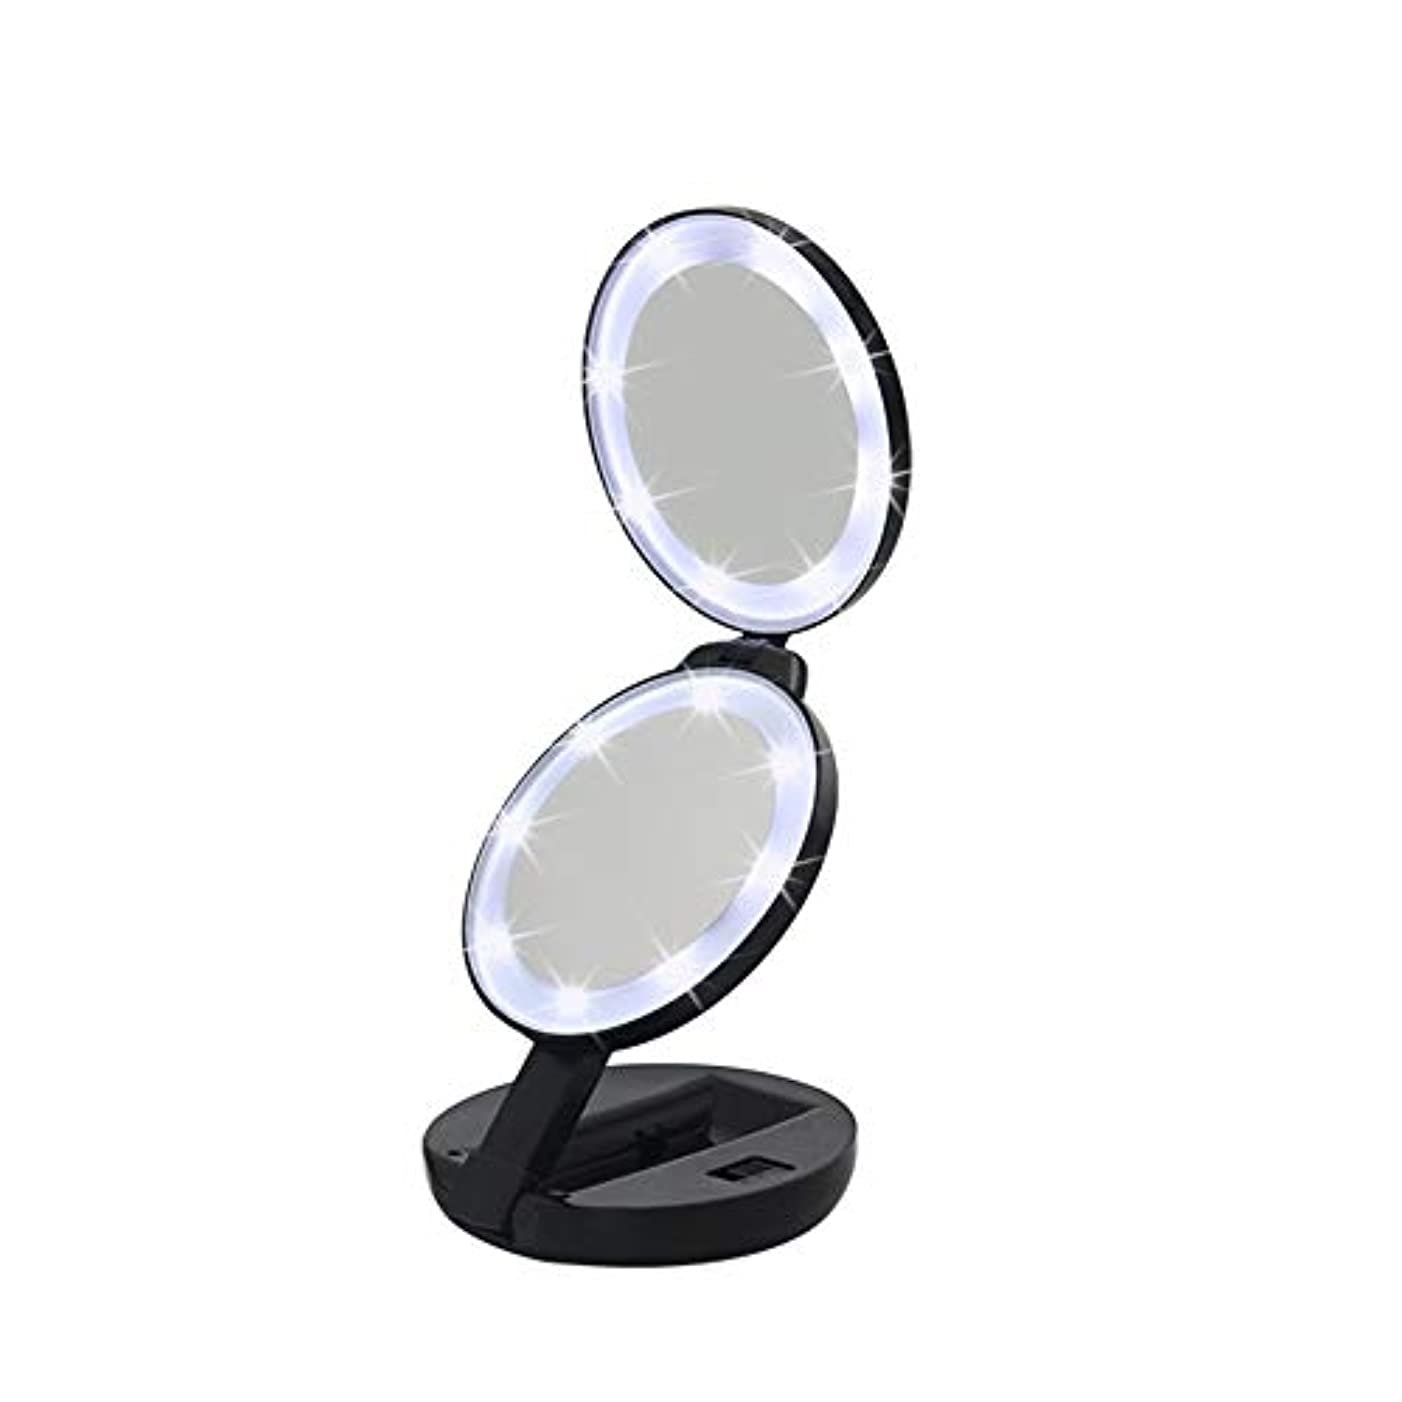 槍タイムリーな辞任する流行の 新しいラウンド三つ折りLEDフィルライト化粧鏡ABS素材虫眼鏡ハンドヘルド美容ミラーブラック